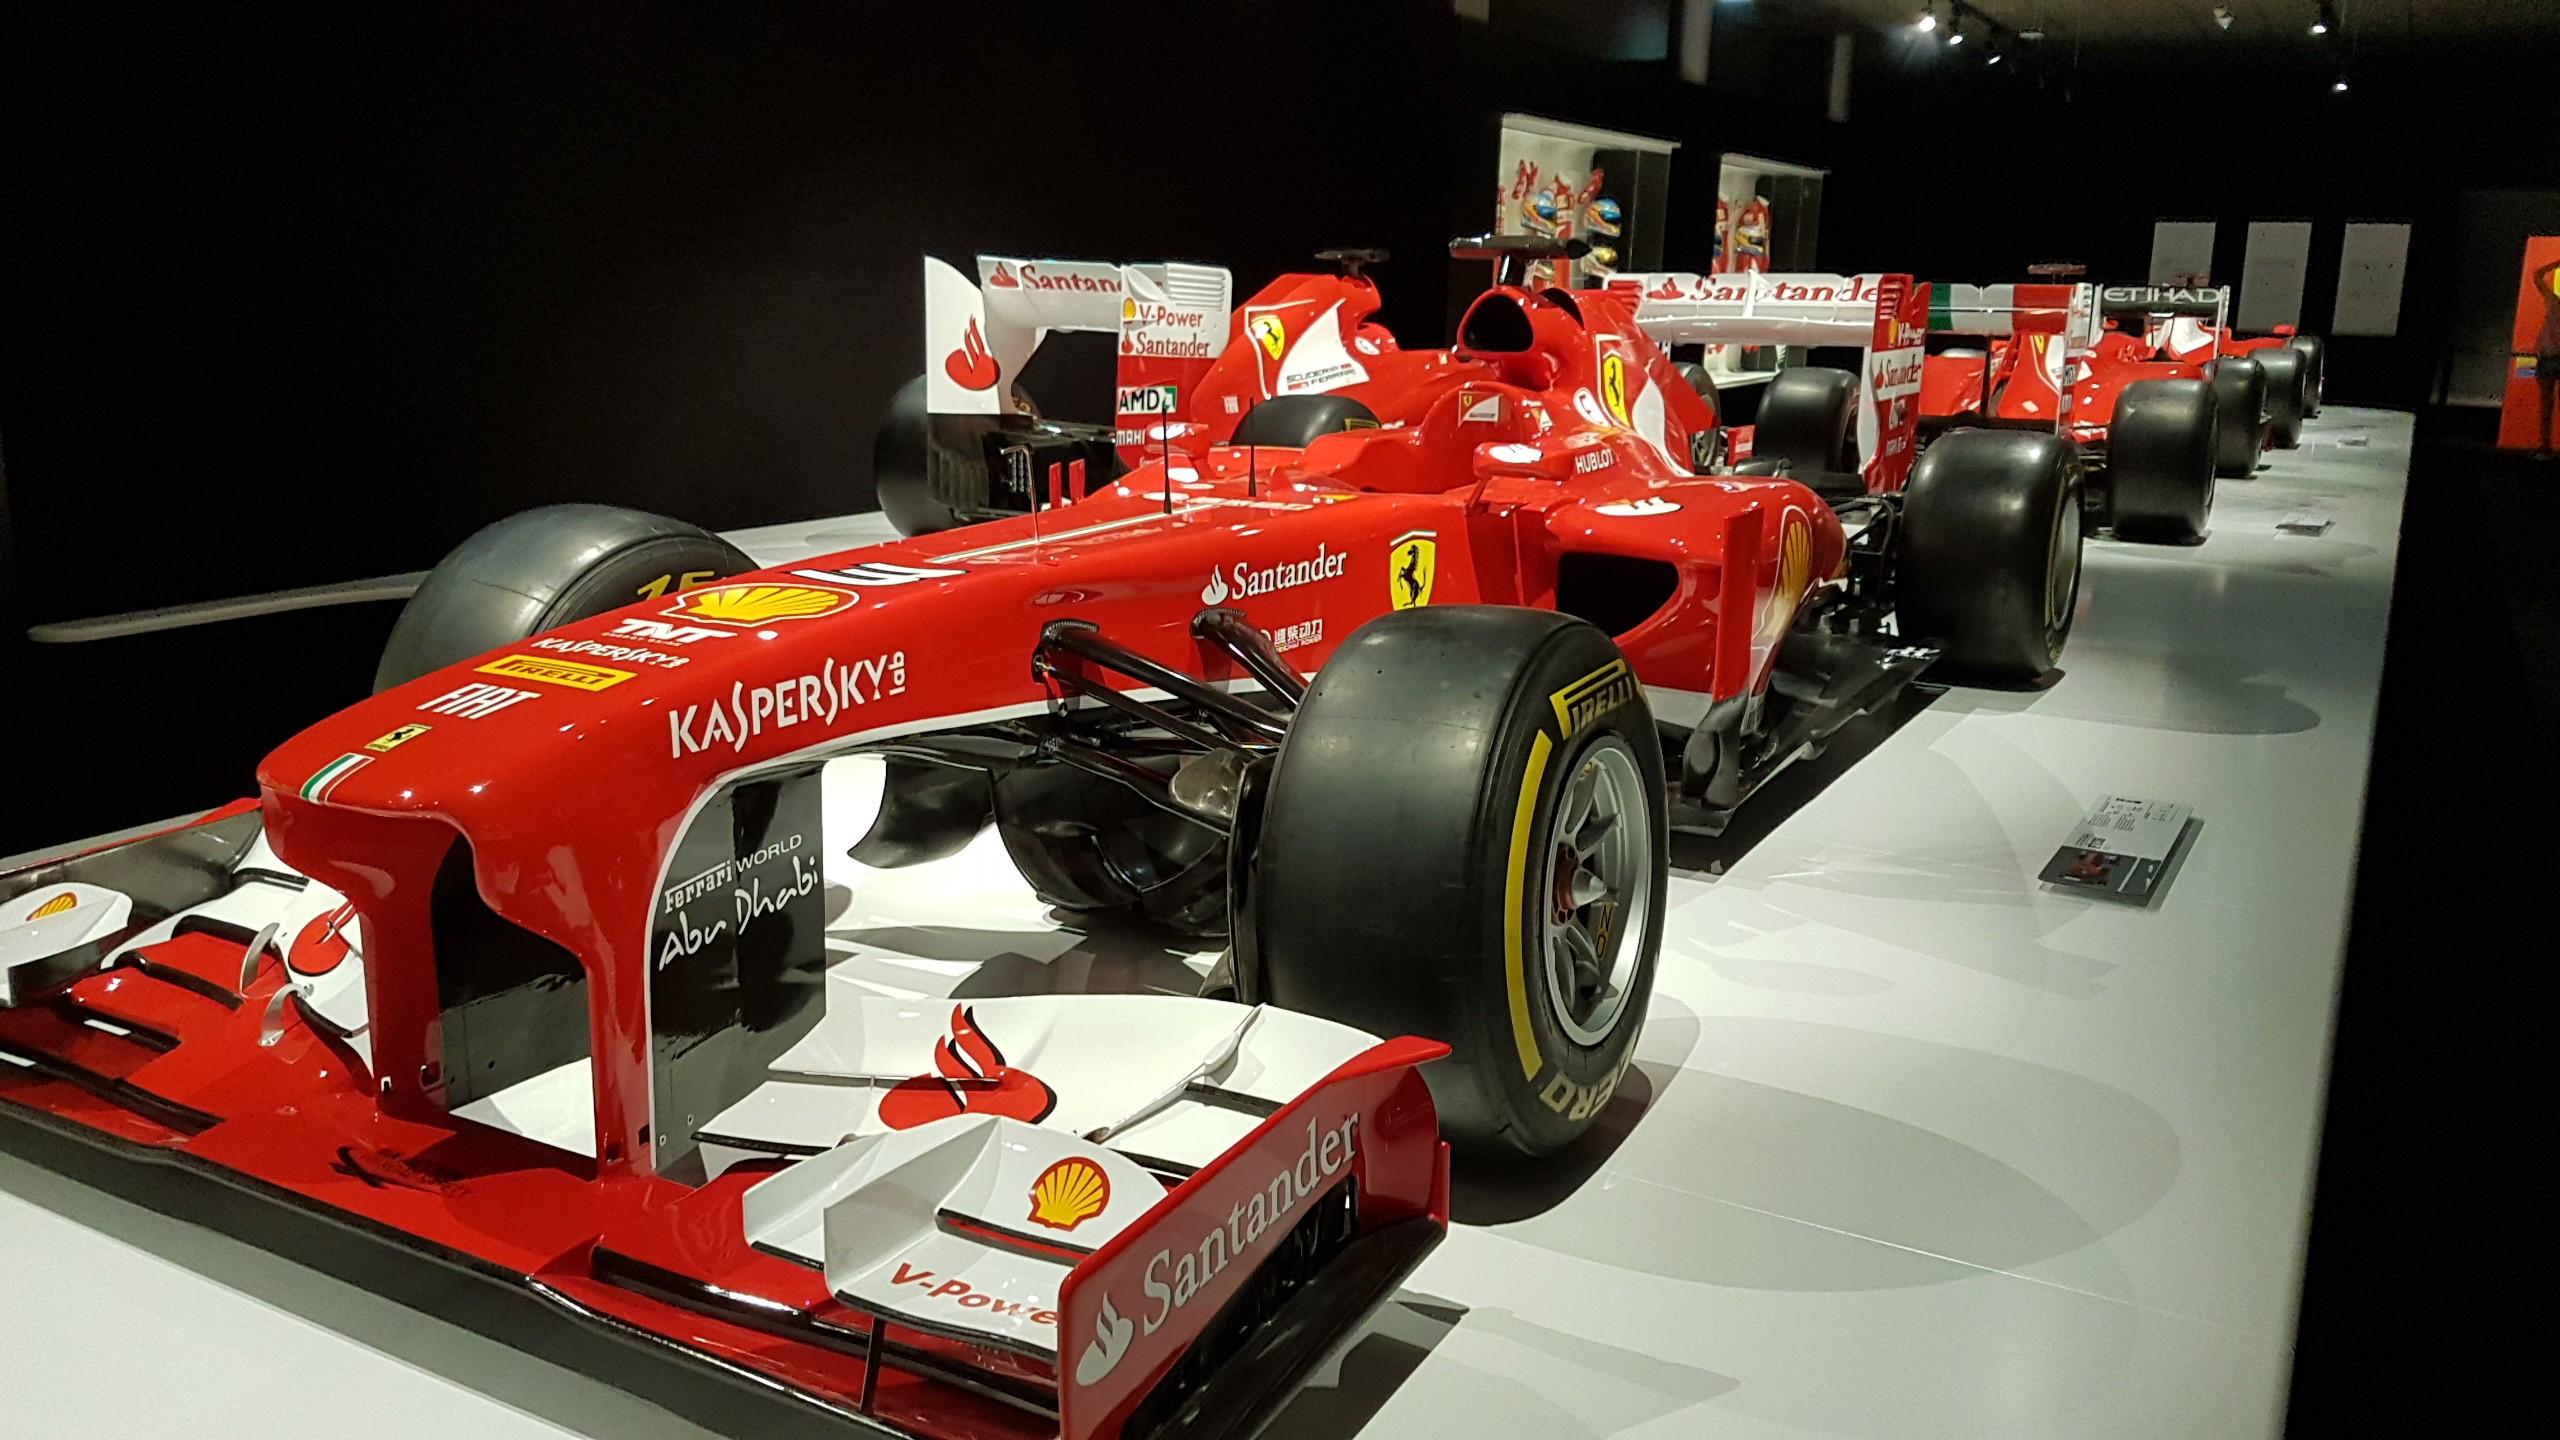 Alonso's Ferrari in Museum